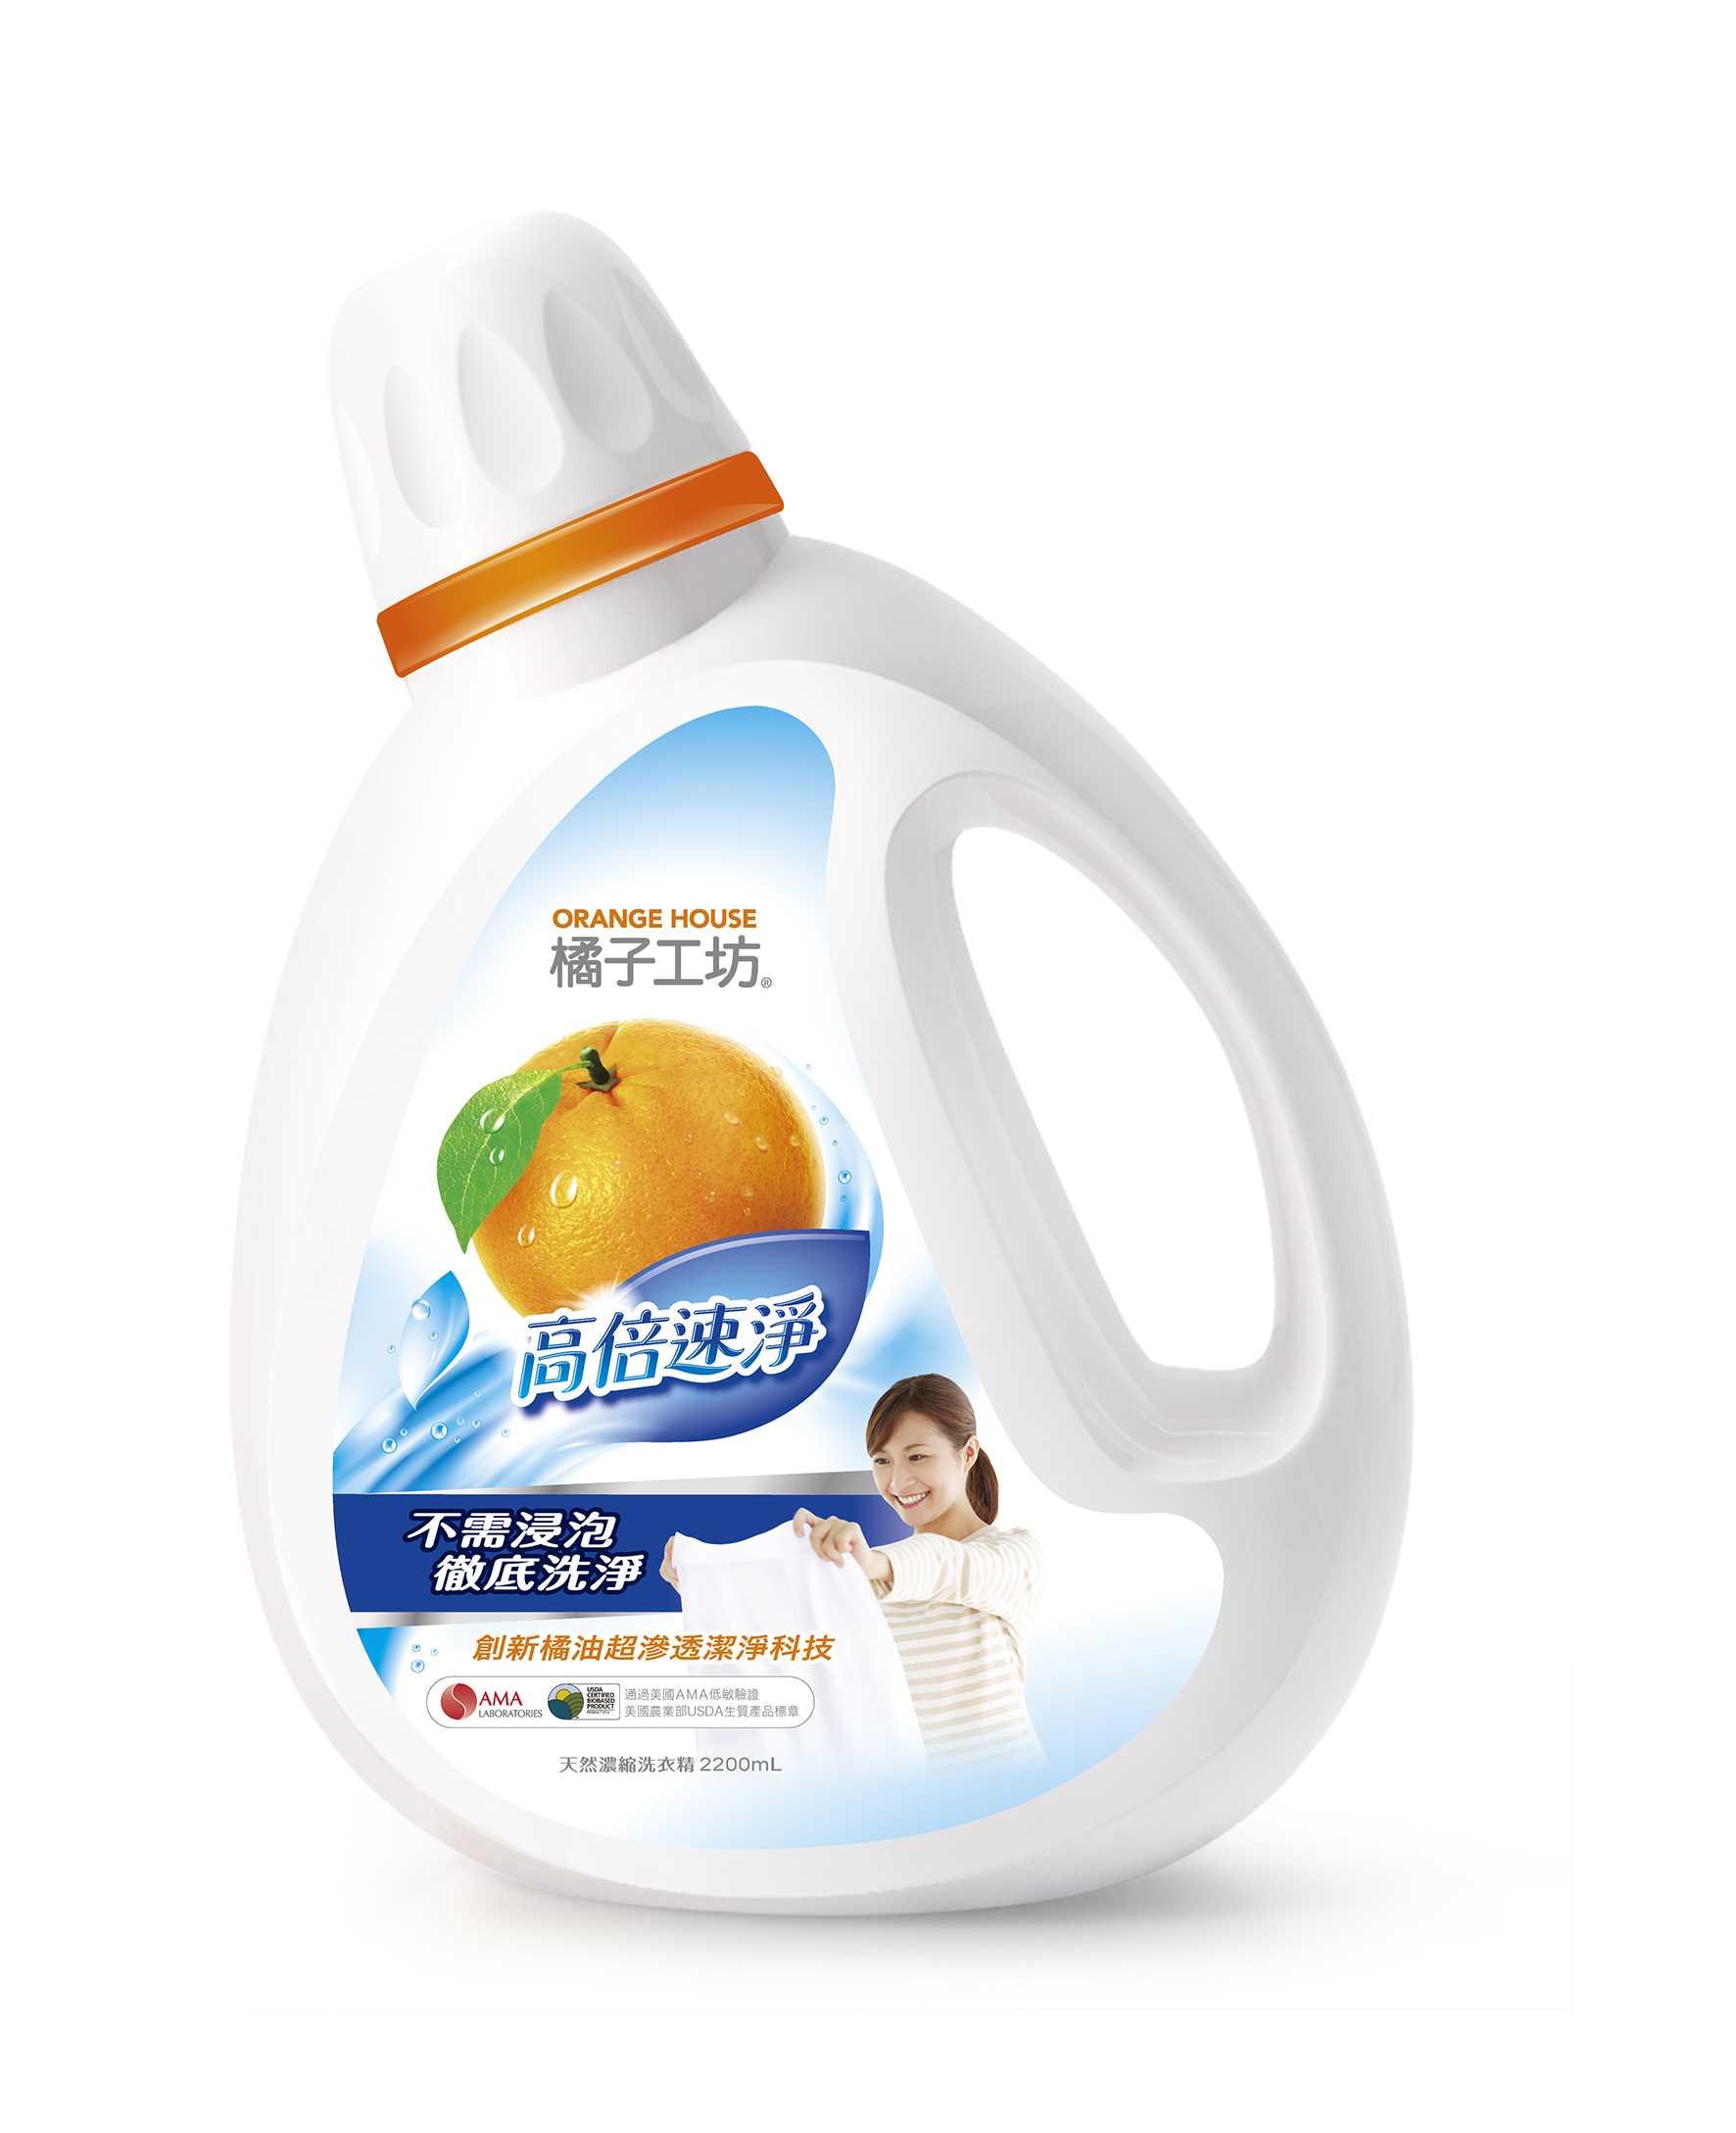 橘子工坊天然濃縮洗衣精-高倍速淨2200ml